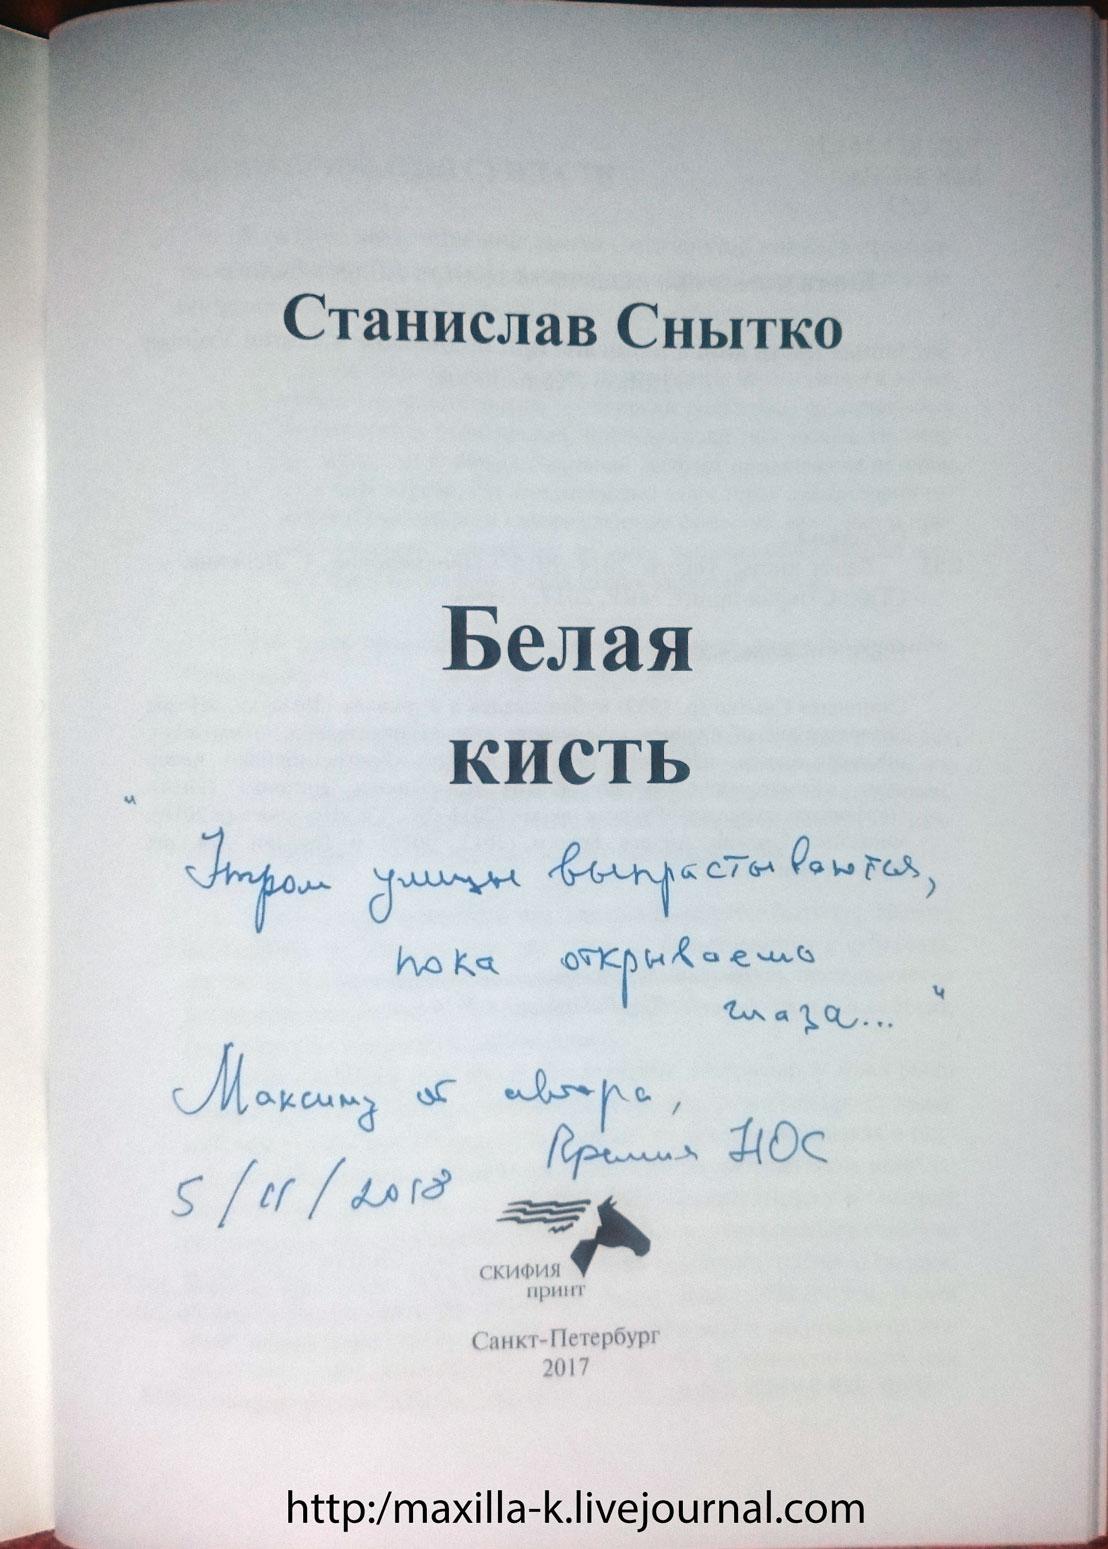 автограф Станислава Снытко